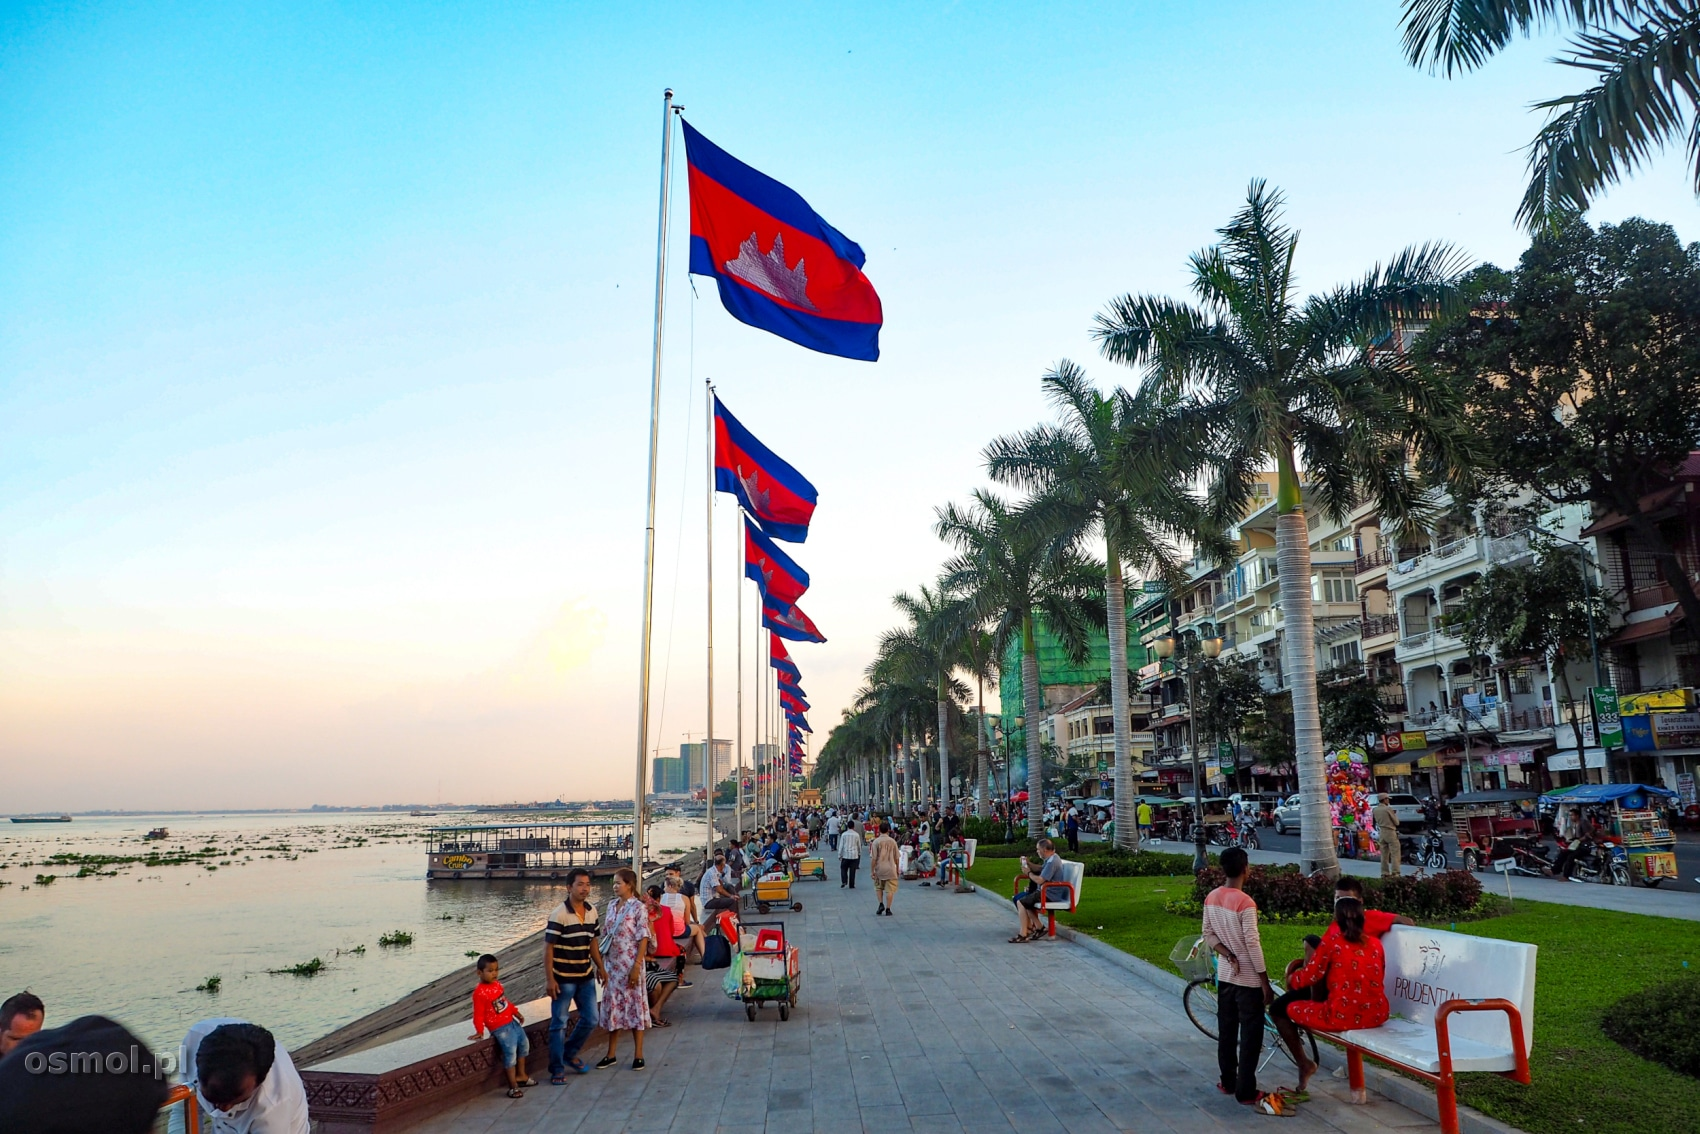 Nabrzeże Mekongu w Phnom Penh - dziś na masztach powiewają tylko flagi Kambodży, kiedyś dumnie powiewały tu flagi państw świata.